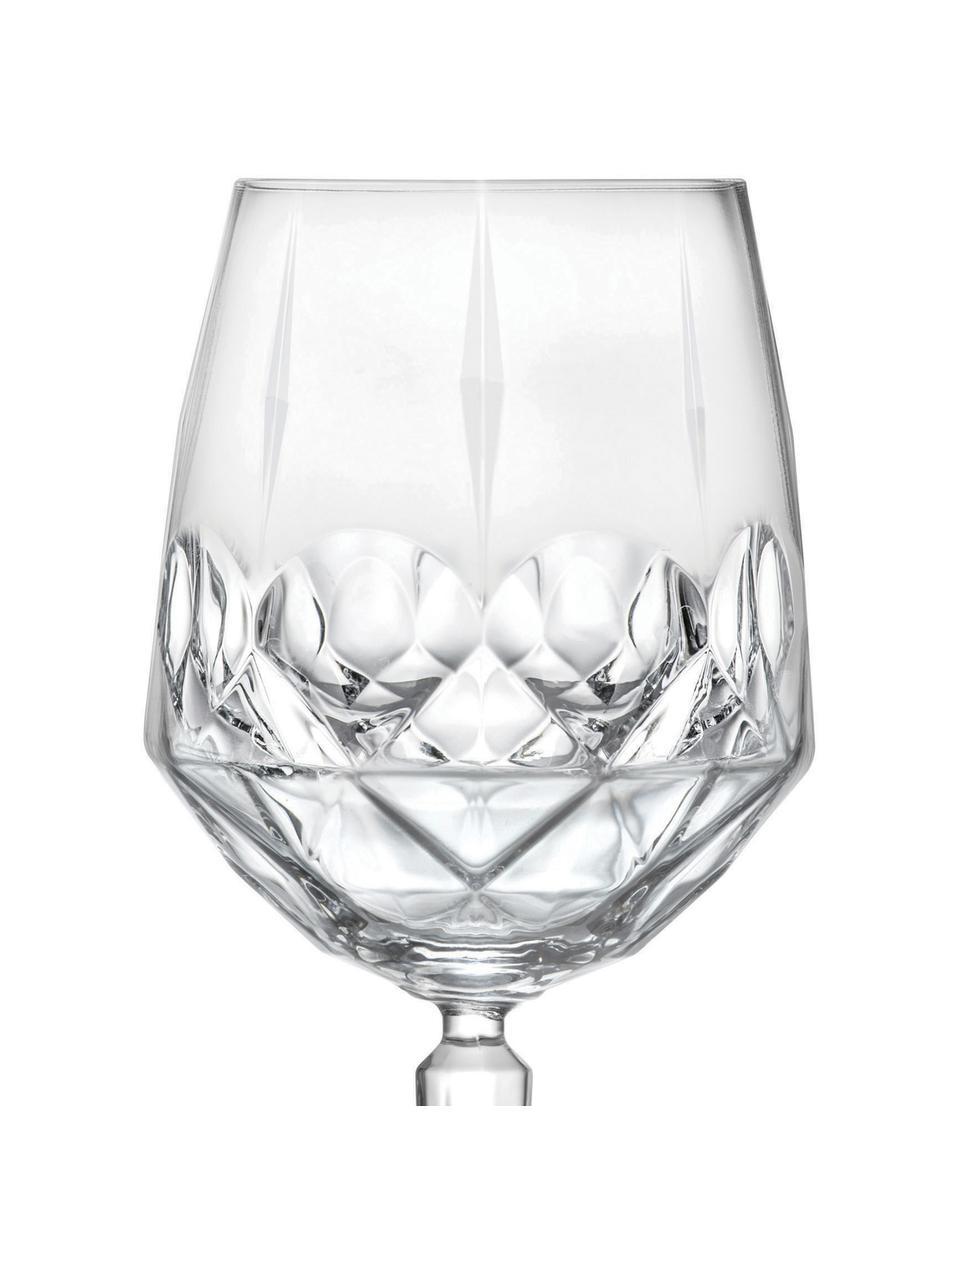 Verre à vin blanc cristal avec embossage Calicia, 6pièces, Transparent